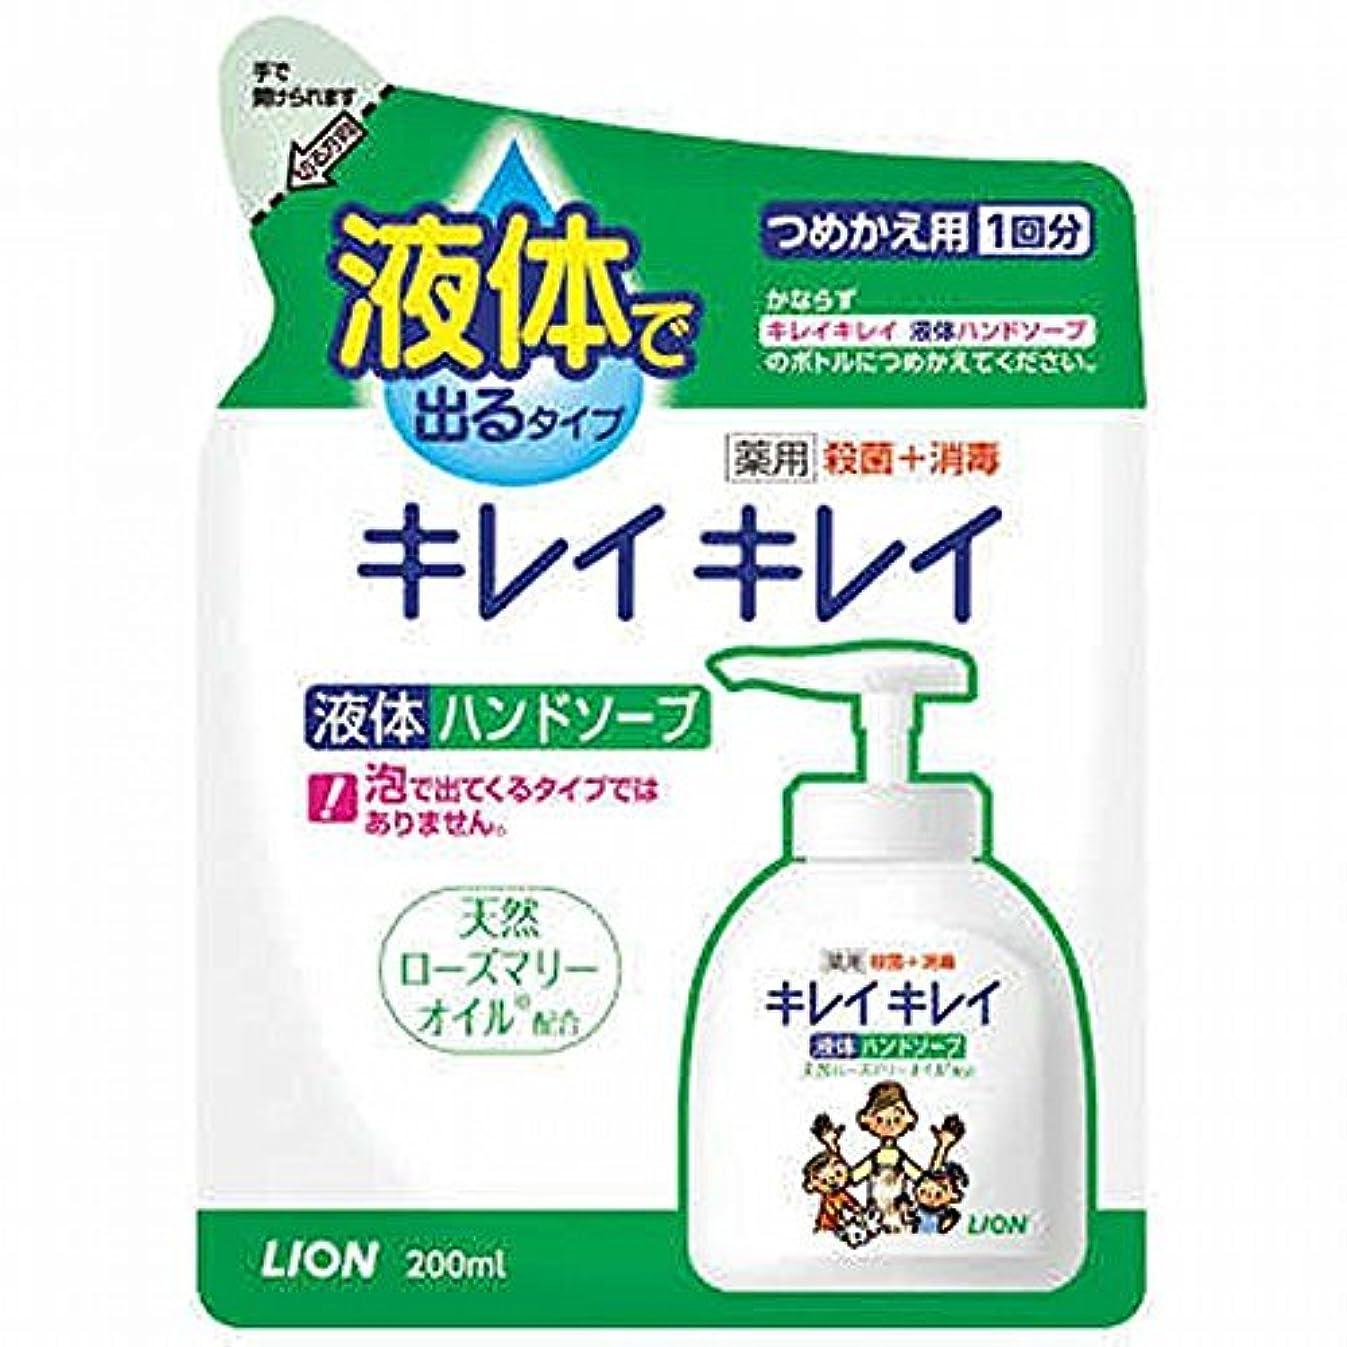 理容室掃く強大なキレイキレイ 薬用液体ハンドソープ  詰替用 200ml ×10個セット